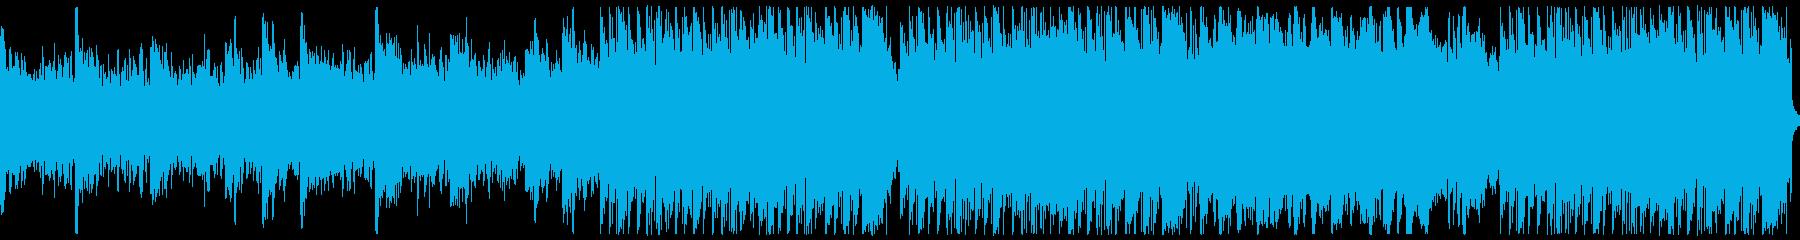 悲壮感jがあるピアノとストリングスの曲の再生済みの波形